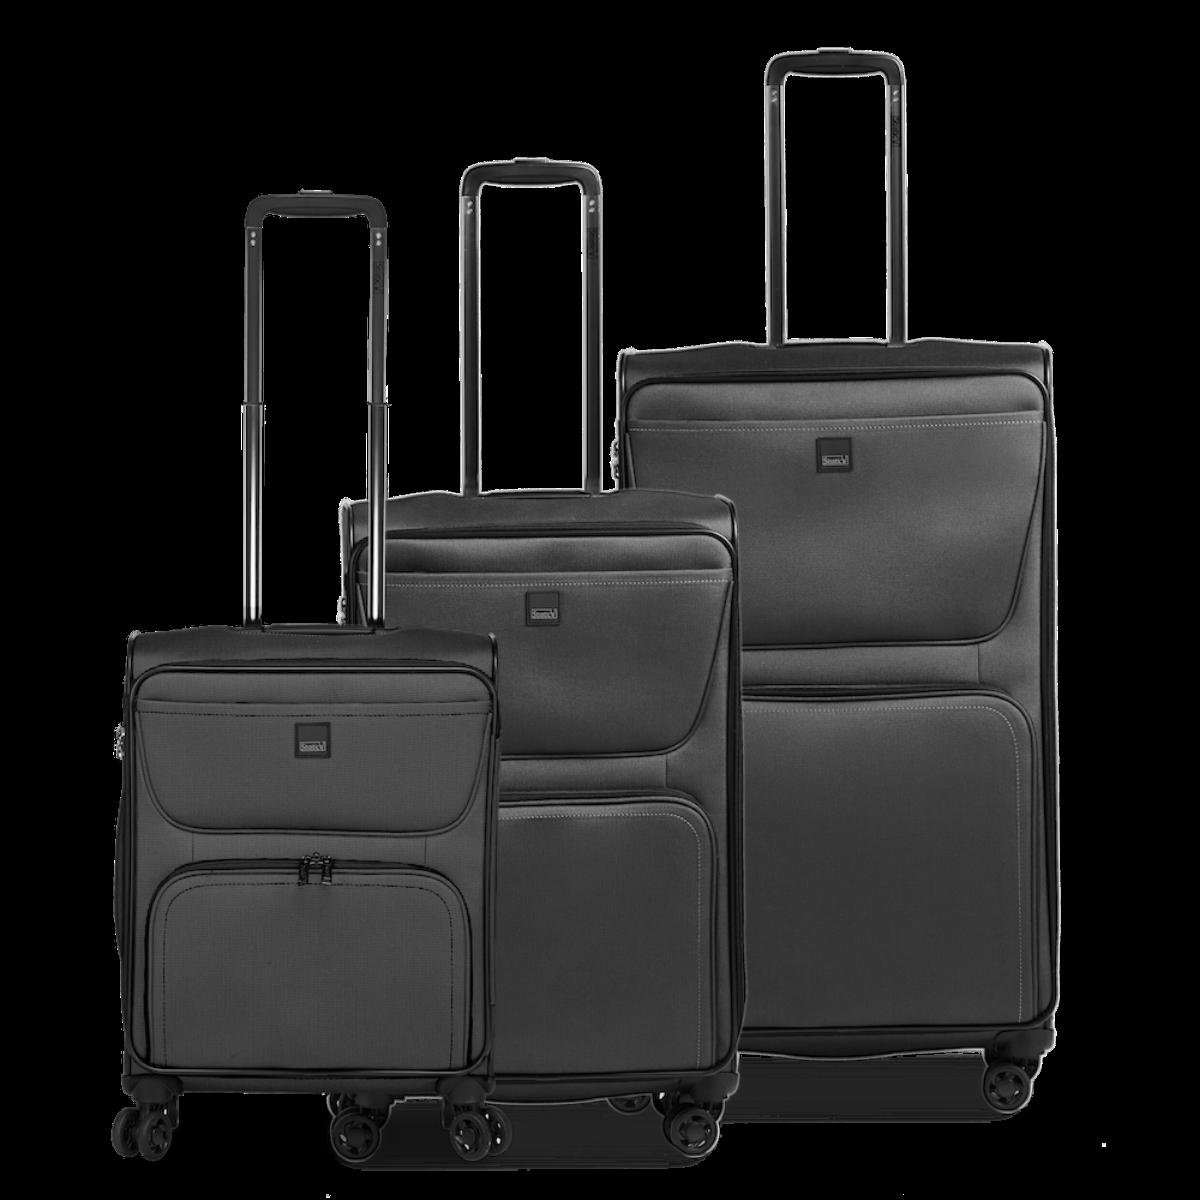 3-tlg. Weichschalen-Kofferset mit 4 Rollen, Bendigo Light